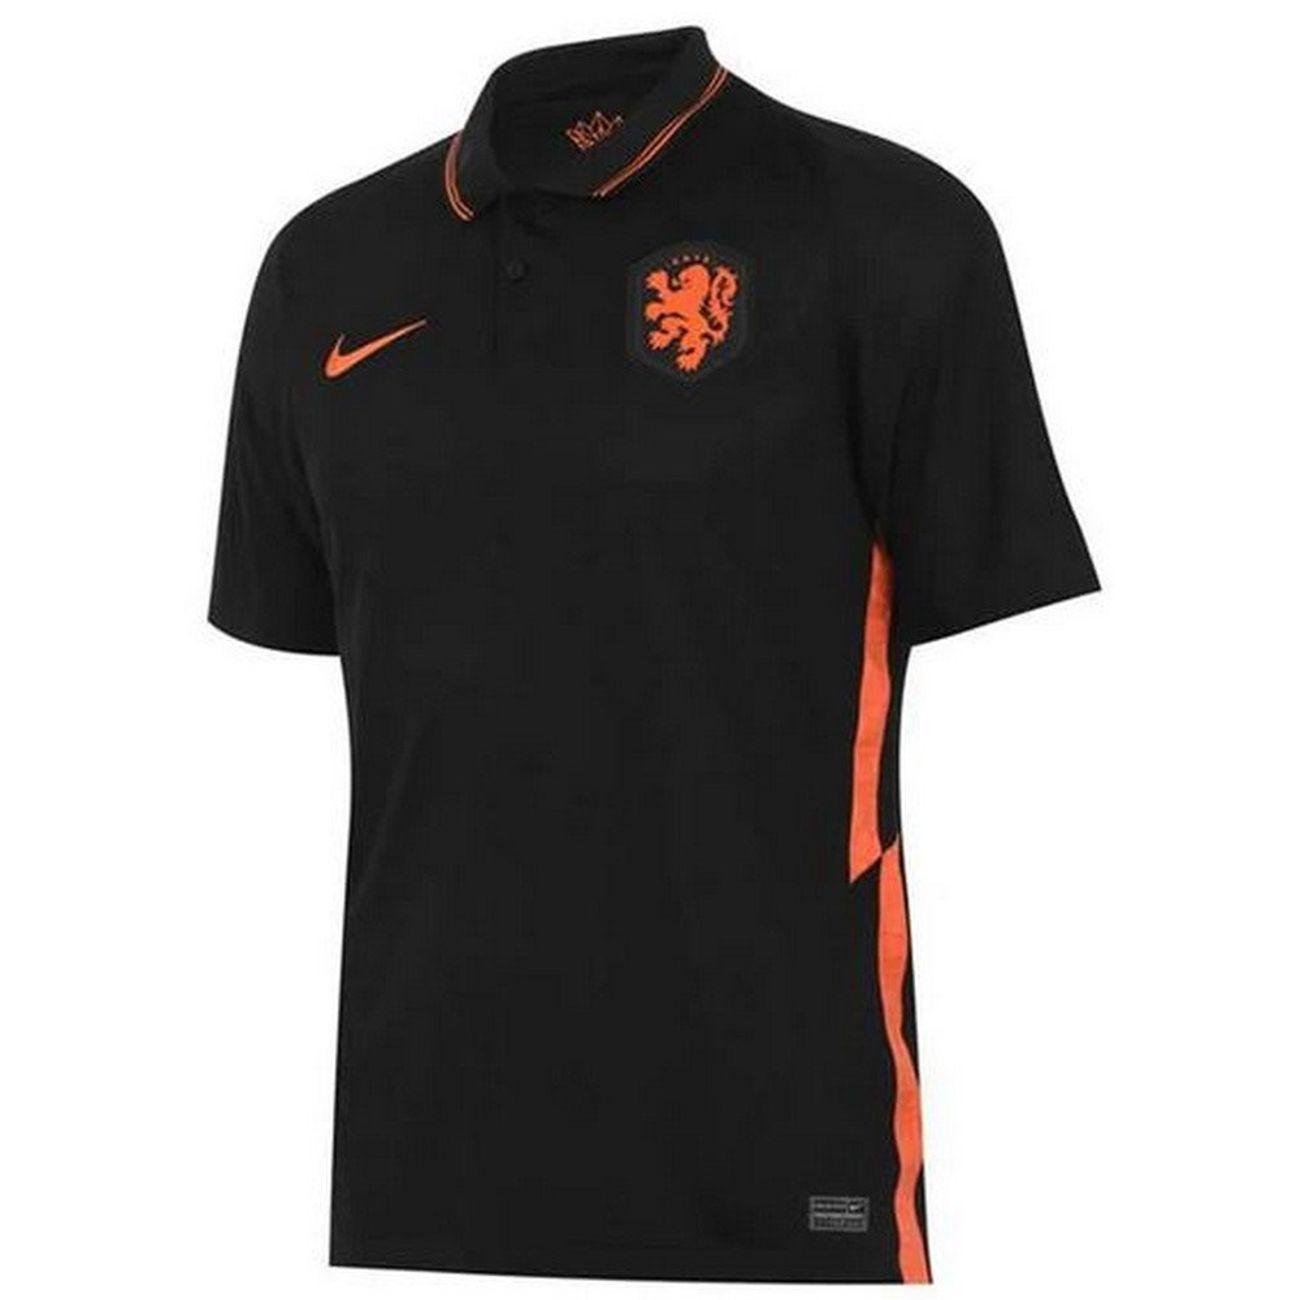 Football homme NIKE Nouveau Maillot Officiel de Football Homme Nike Hollande Pays-Bas Extérieur Euro 2020